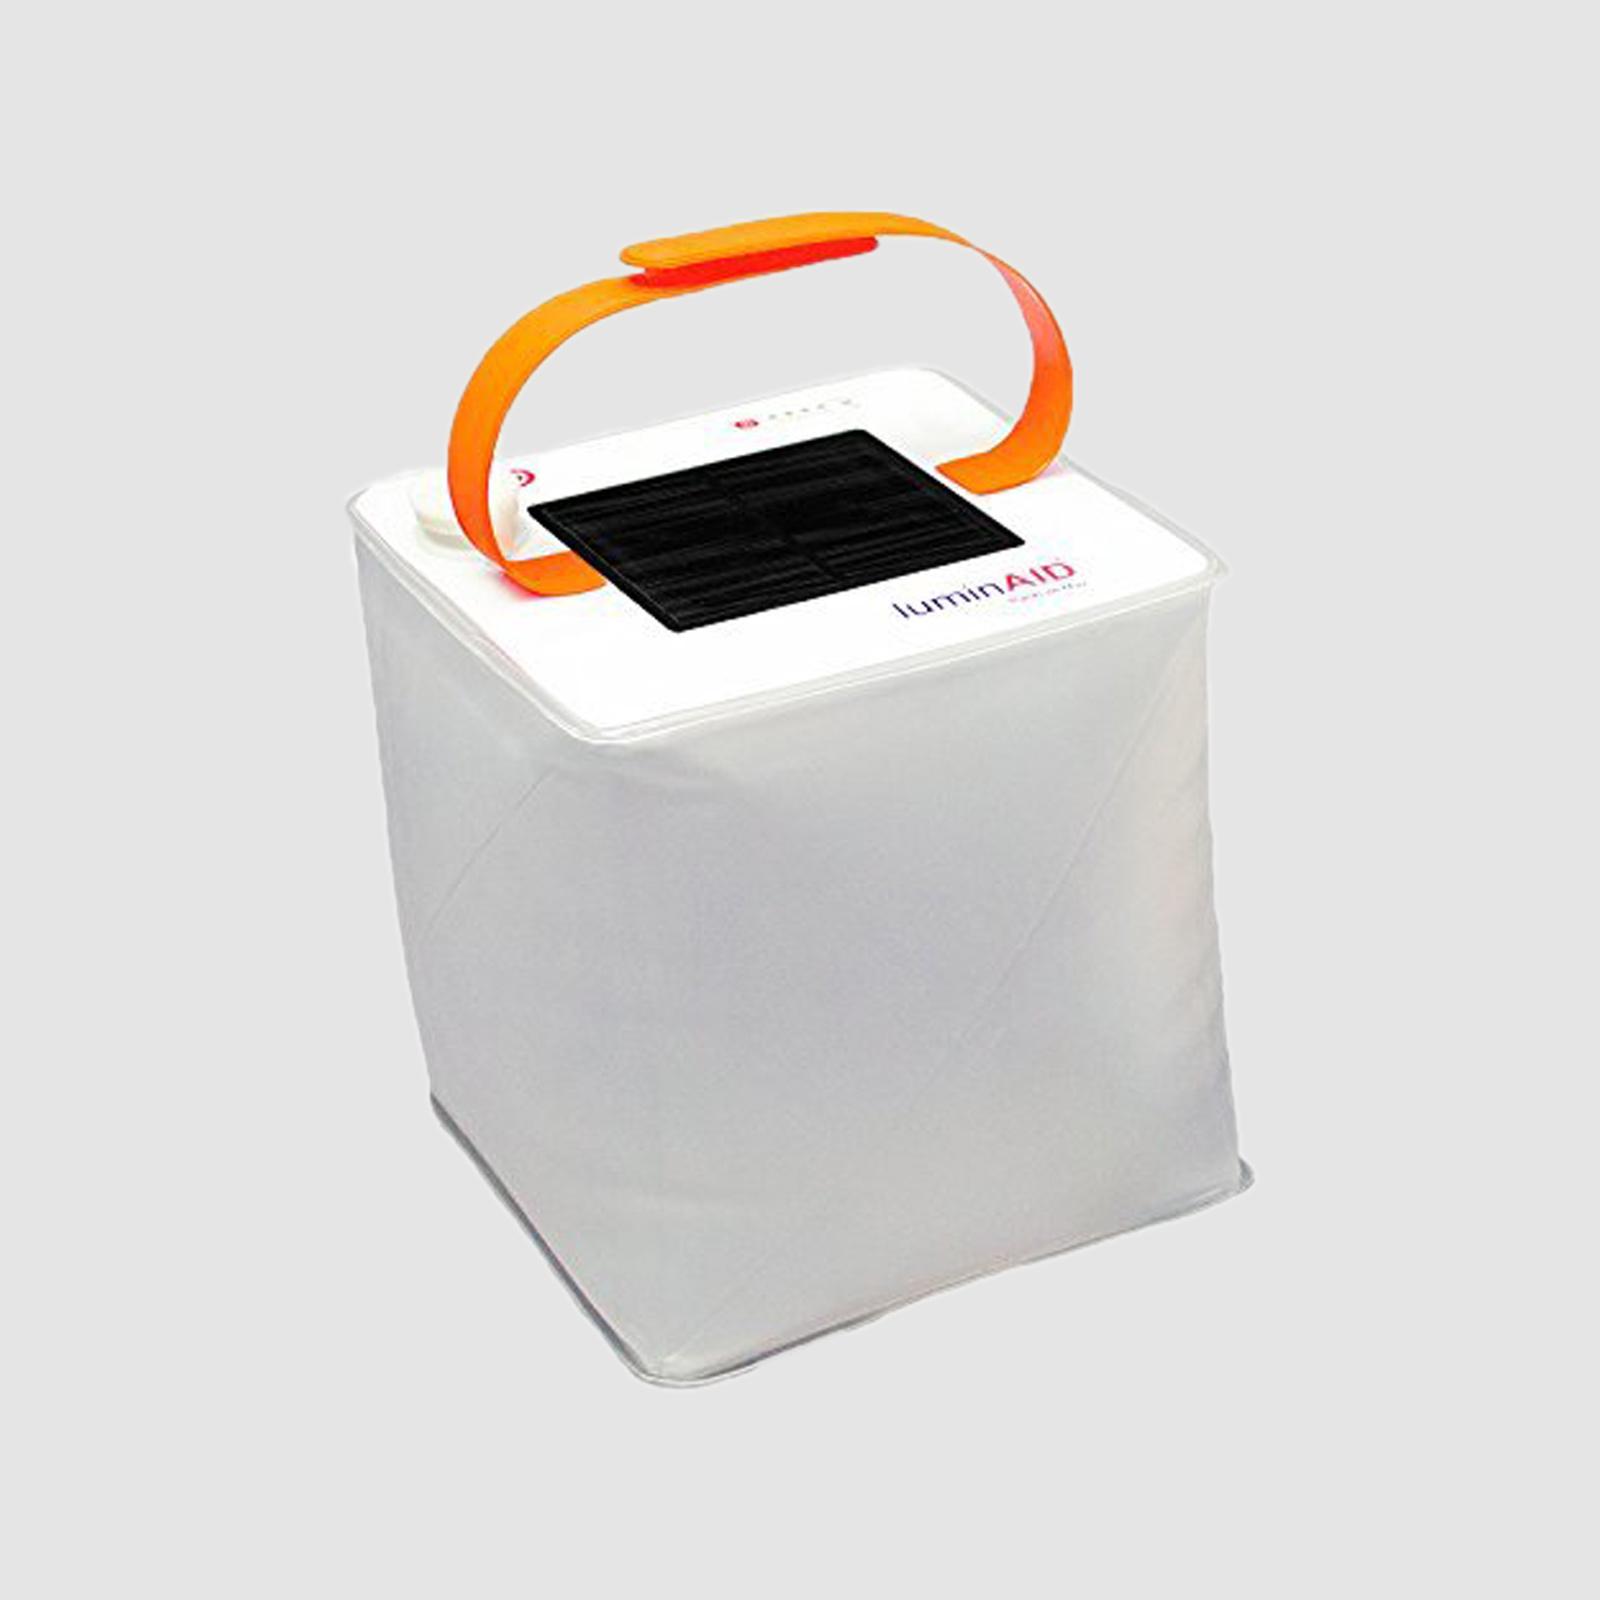 LuminAID PackLite 2-in-1 | $40 | Amazon